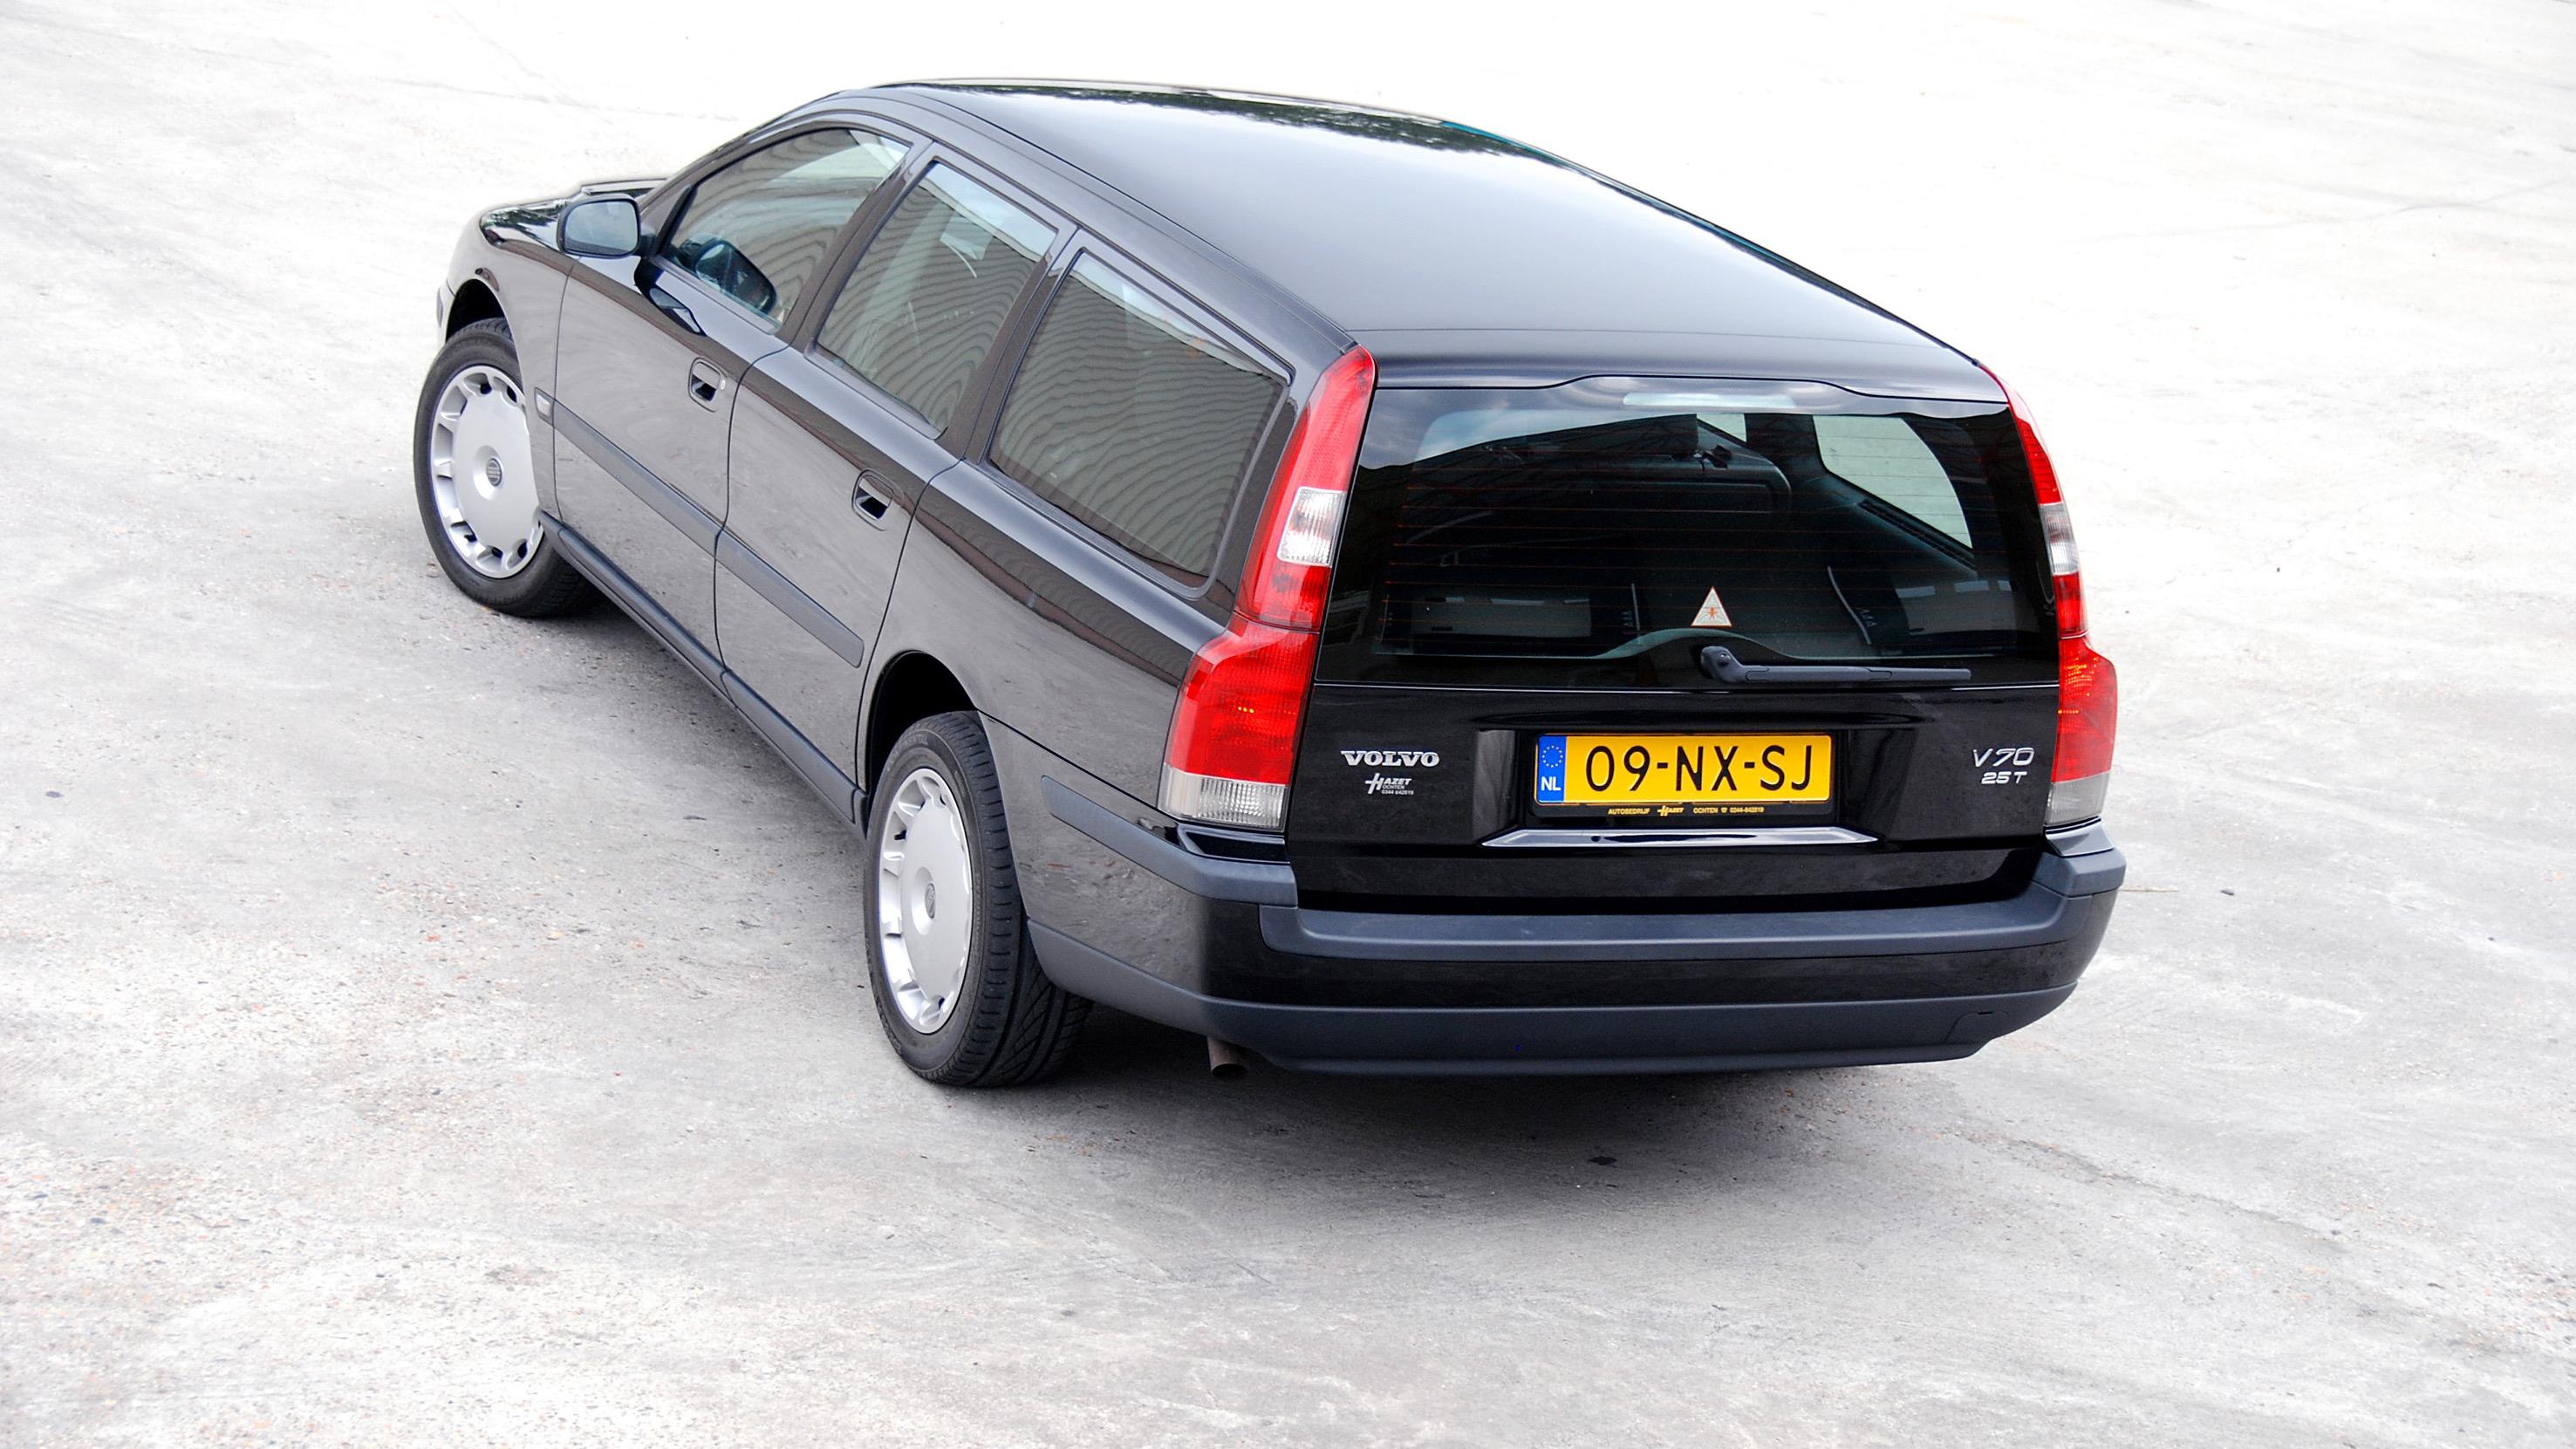 Volvo Stoelen Te Koop.Volvo V70 2 5t 154kw Auto Informatie Anwb